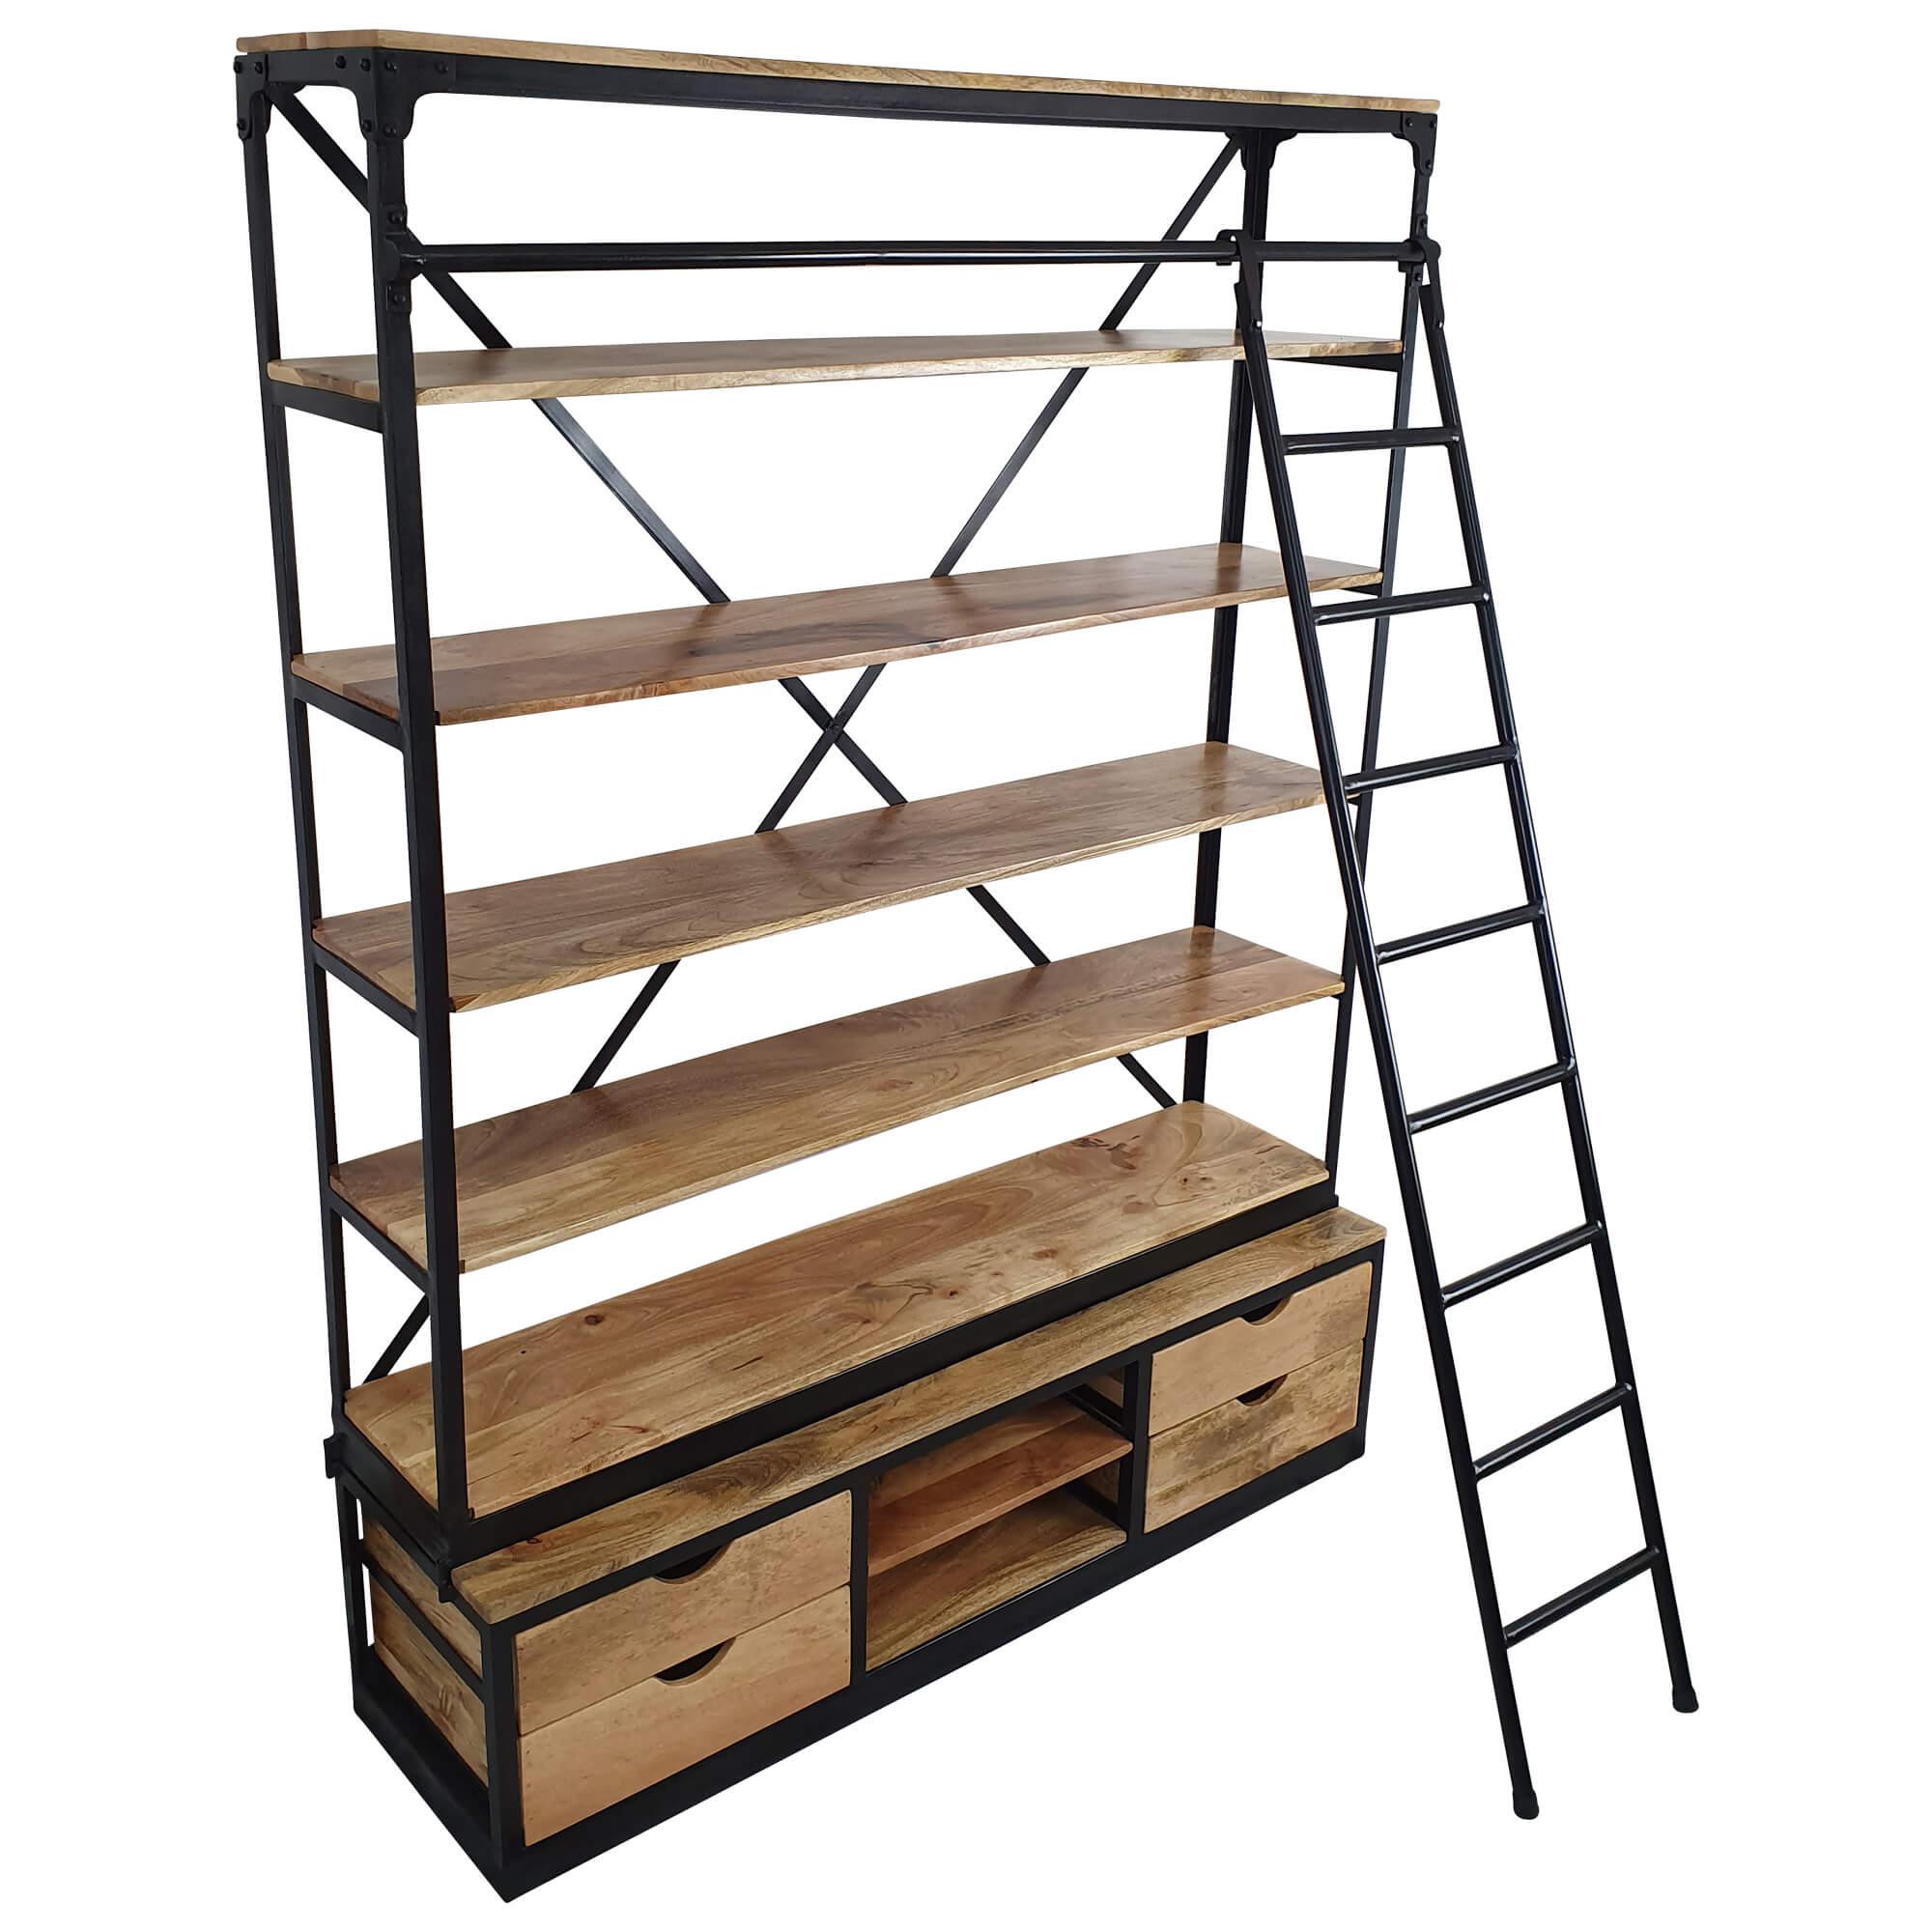 Full Size of Regalsystem Keller Metall Regal Holz Diy Caseconradcom Bett Weiß Regale Für Wohnzimmer Regalsystem Keller Metall